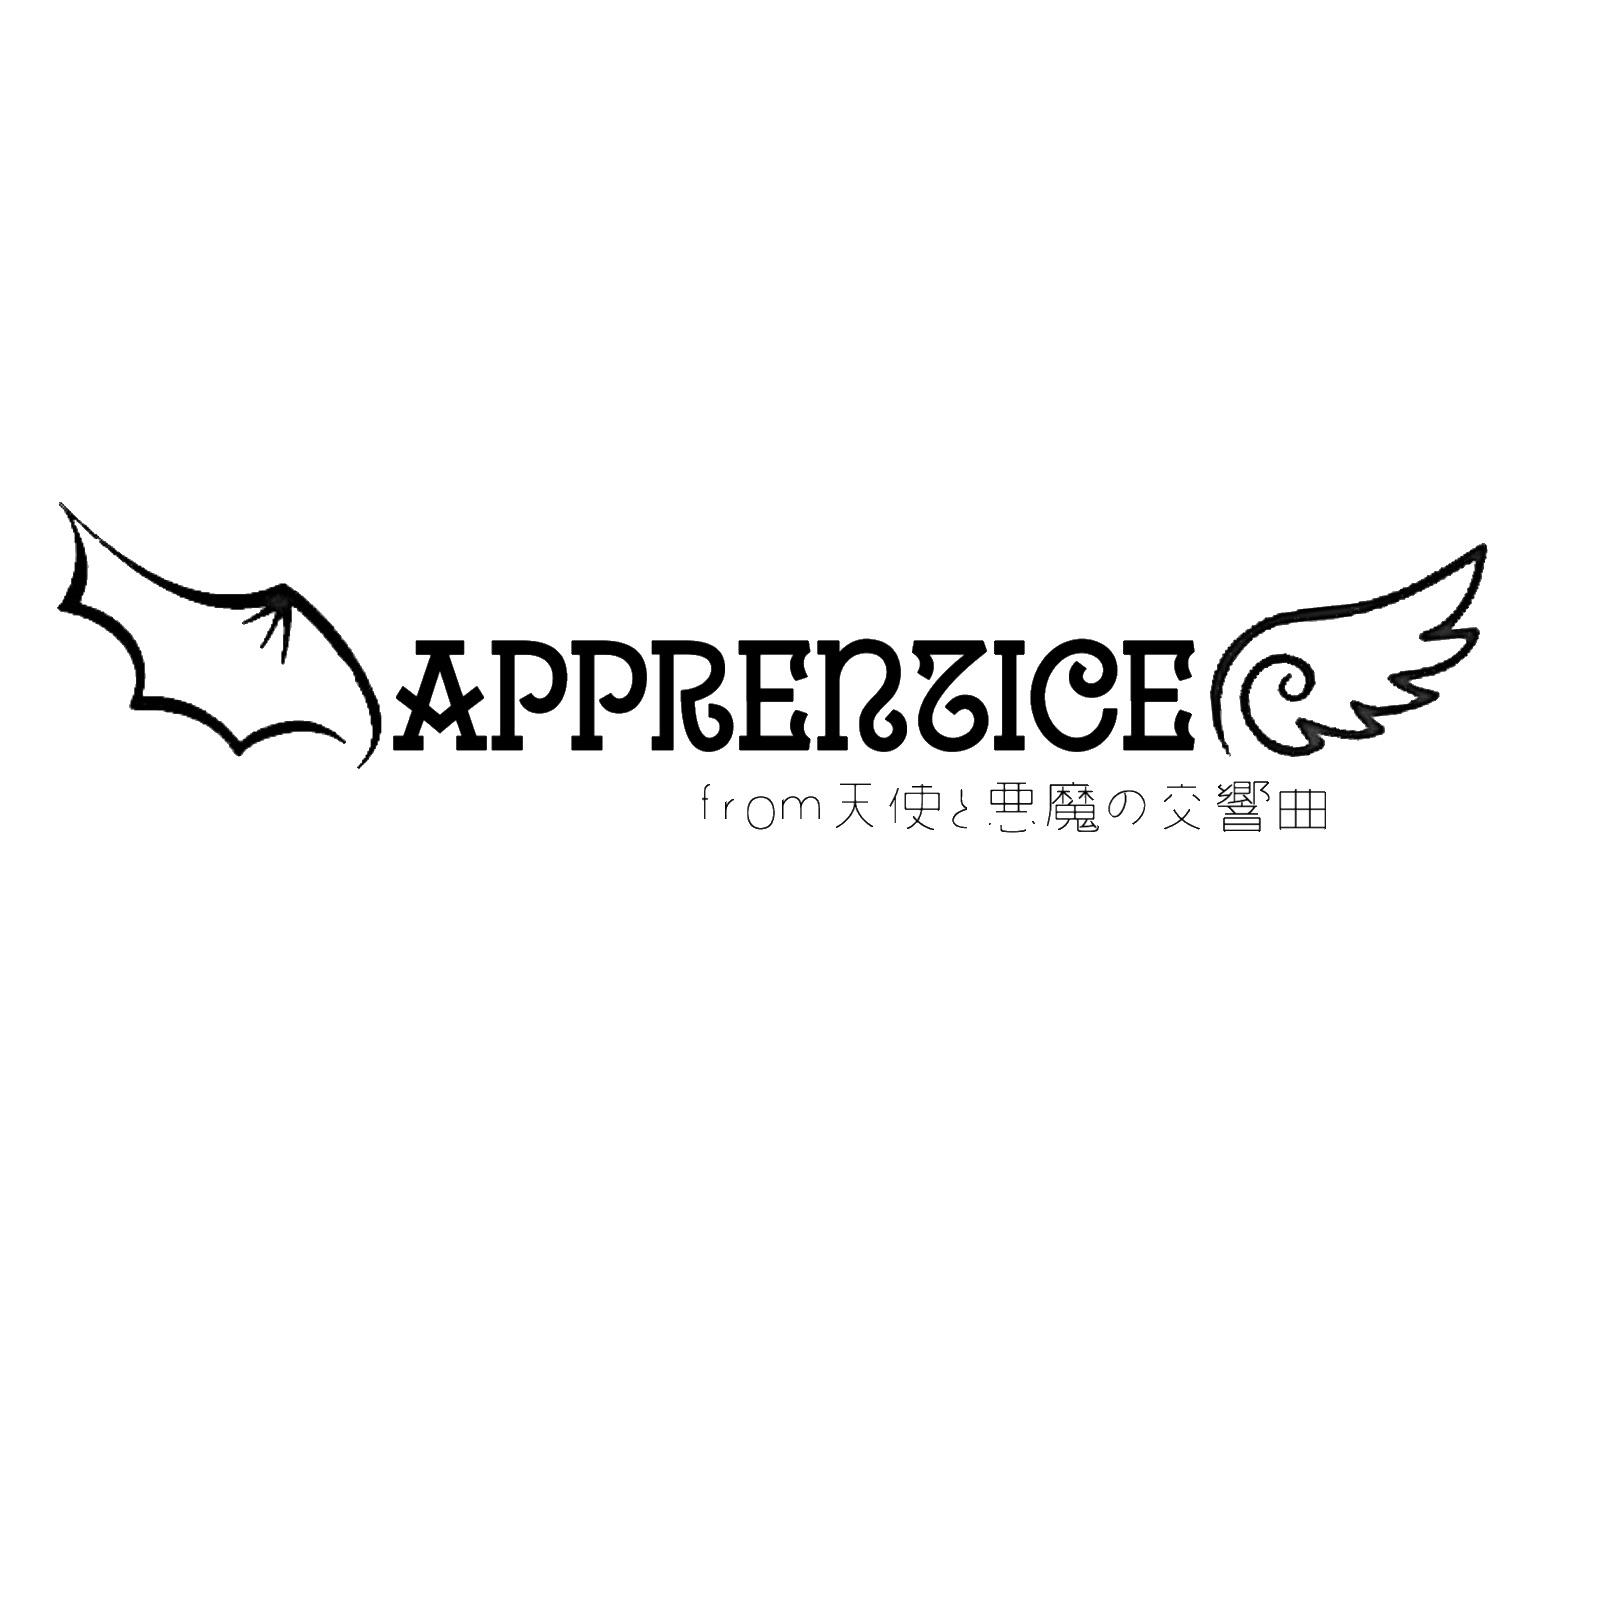 オーディション apprentice from 天使と悪魔の交響曲 メンバー募集 主催:大空組、カテゴリ:アイドル(特化系)